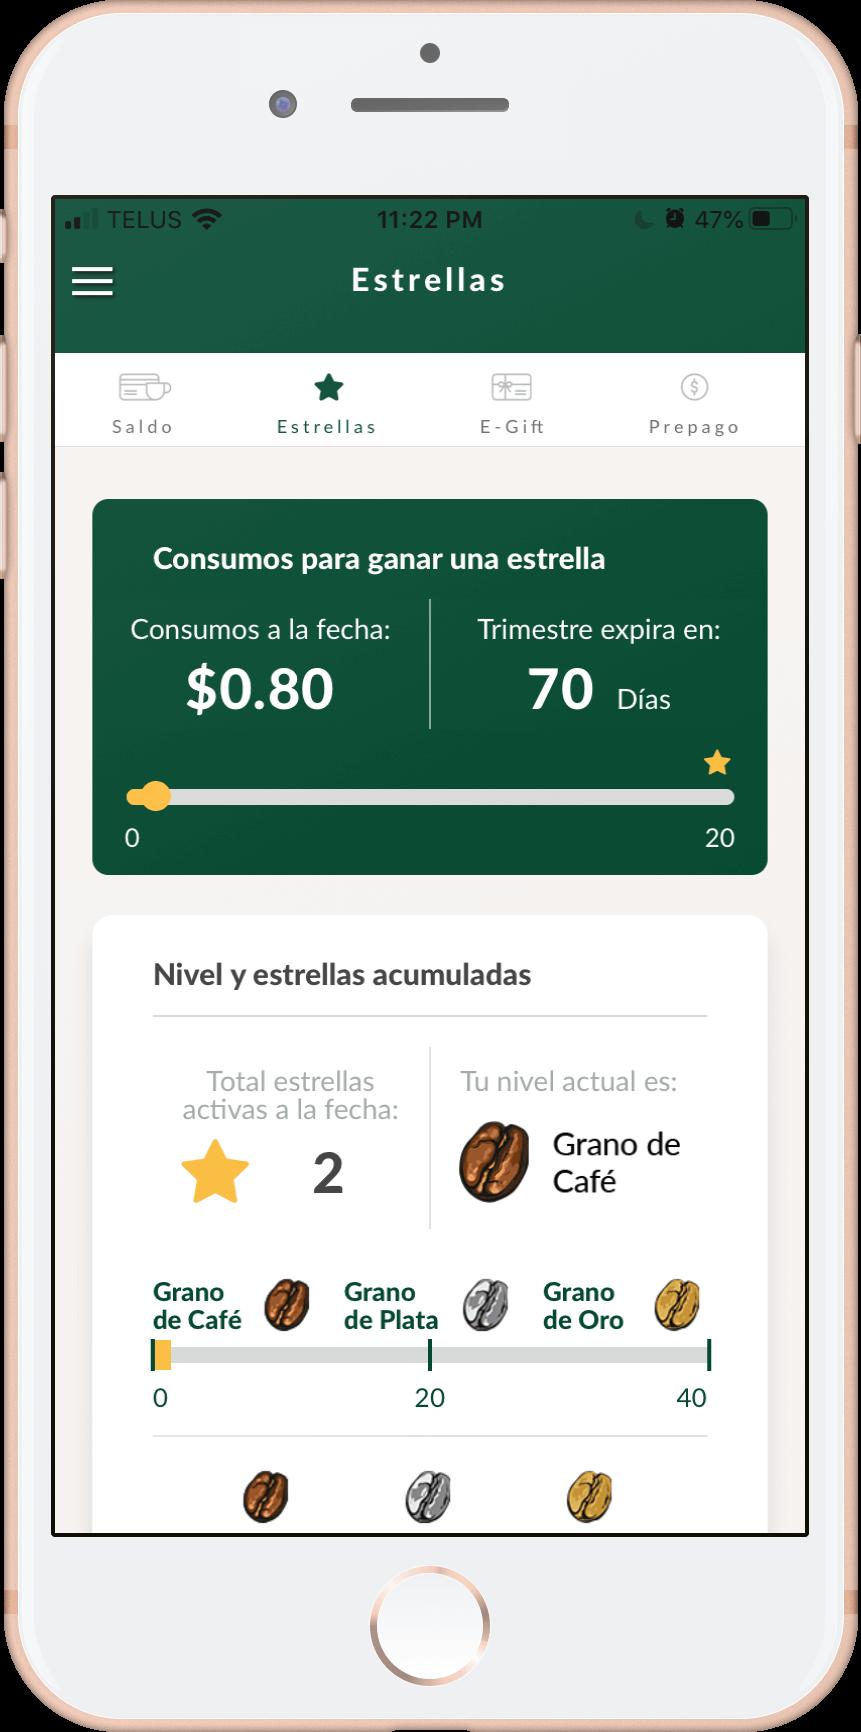 spoonity-best-loyalty-app